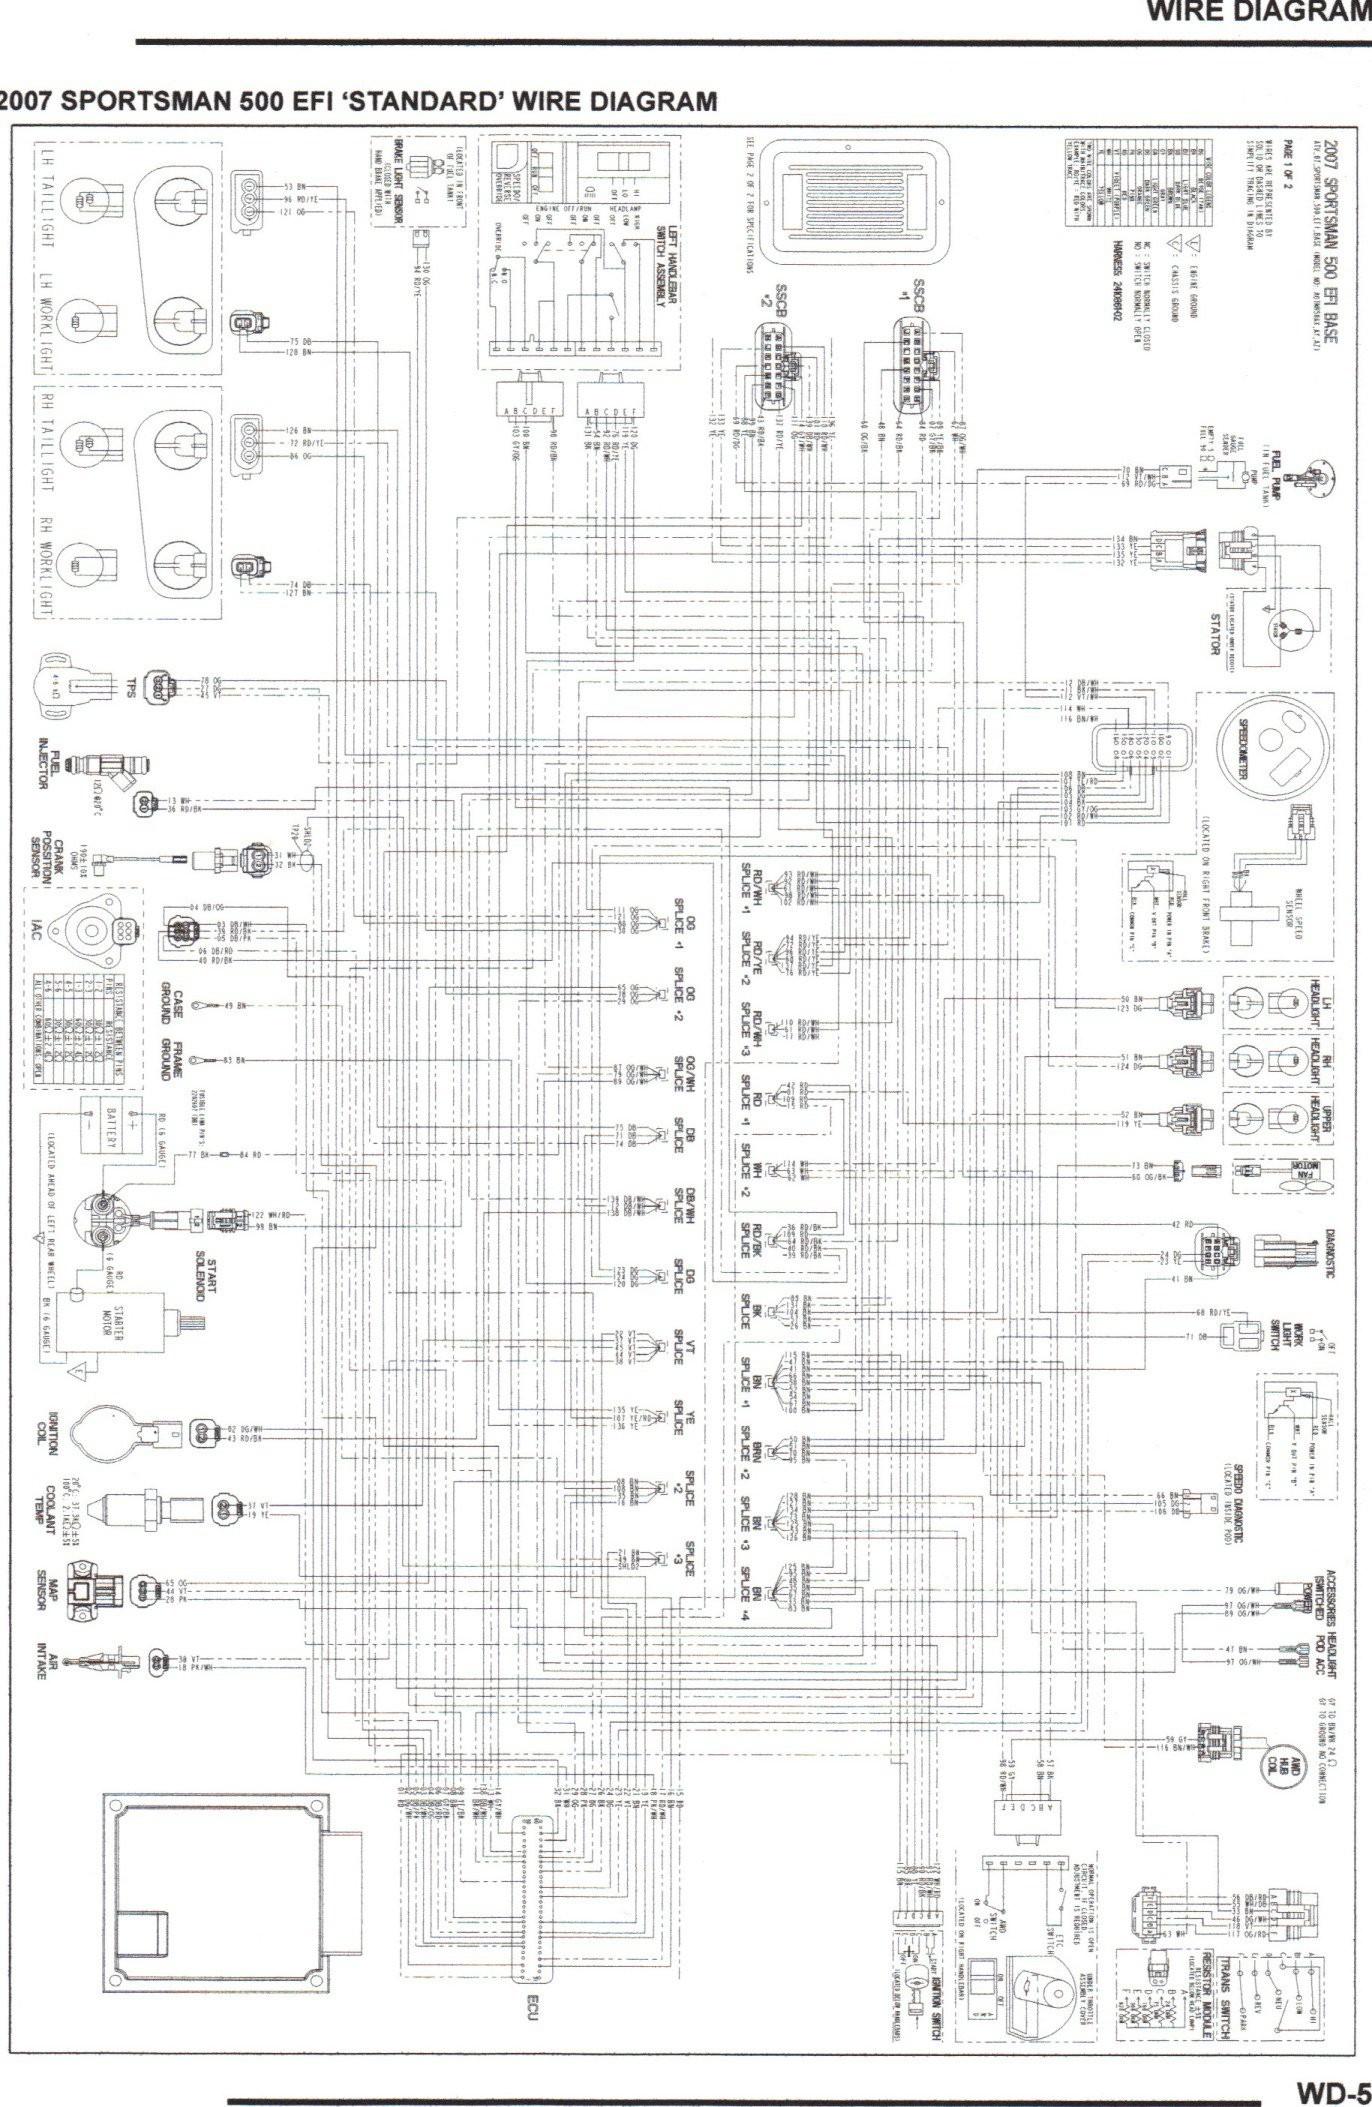 polaris sportsman 800 wiring diagram wiring diagram bots 1999 polaris sportsman 500 wiring diagram 2008 polaris wiring diagram simple electrical wiring diagram 2006 polaris sportsman 800 wiring diagram 2008 polaris